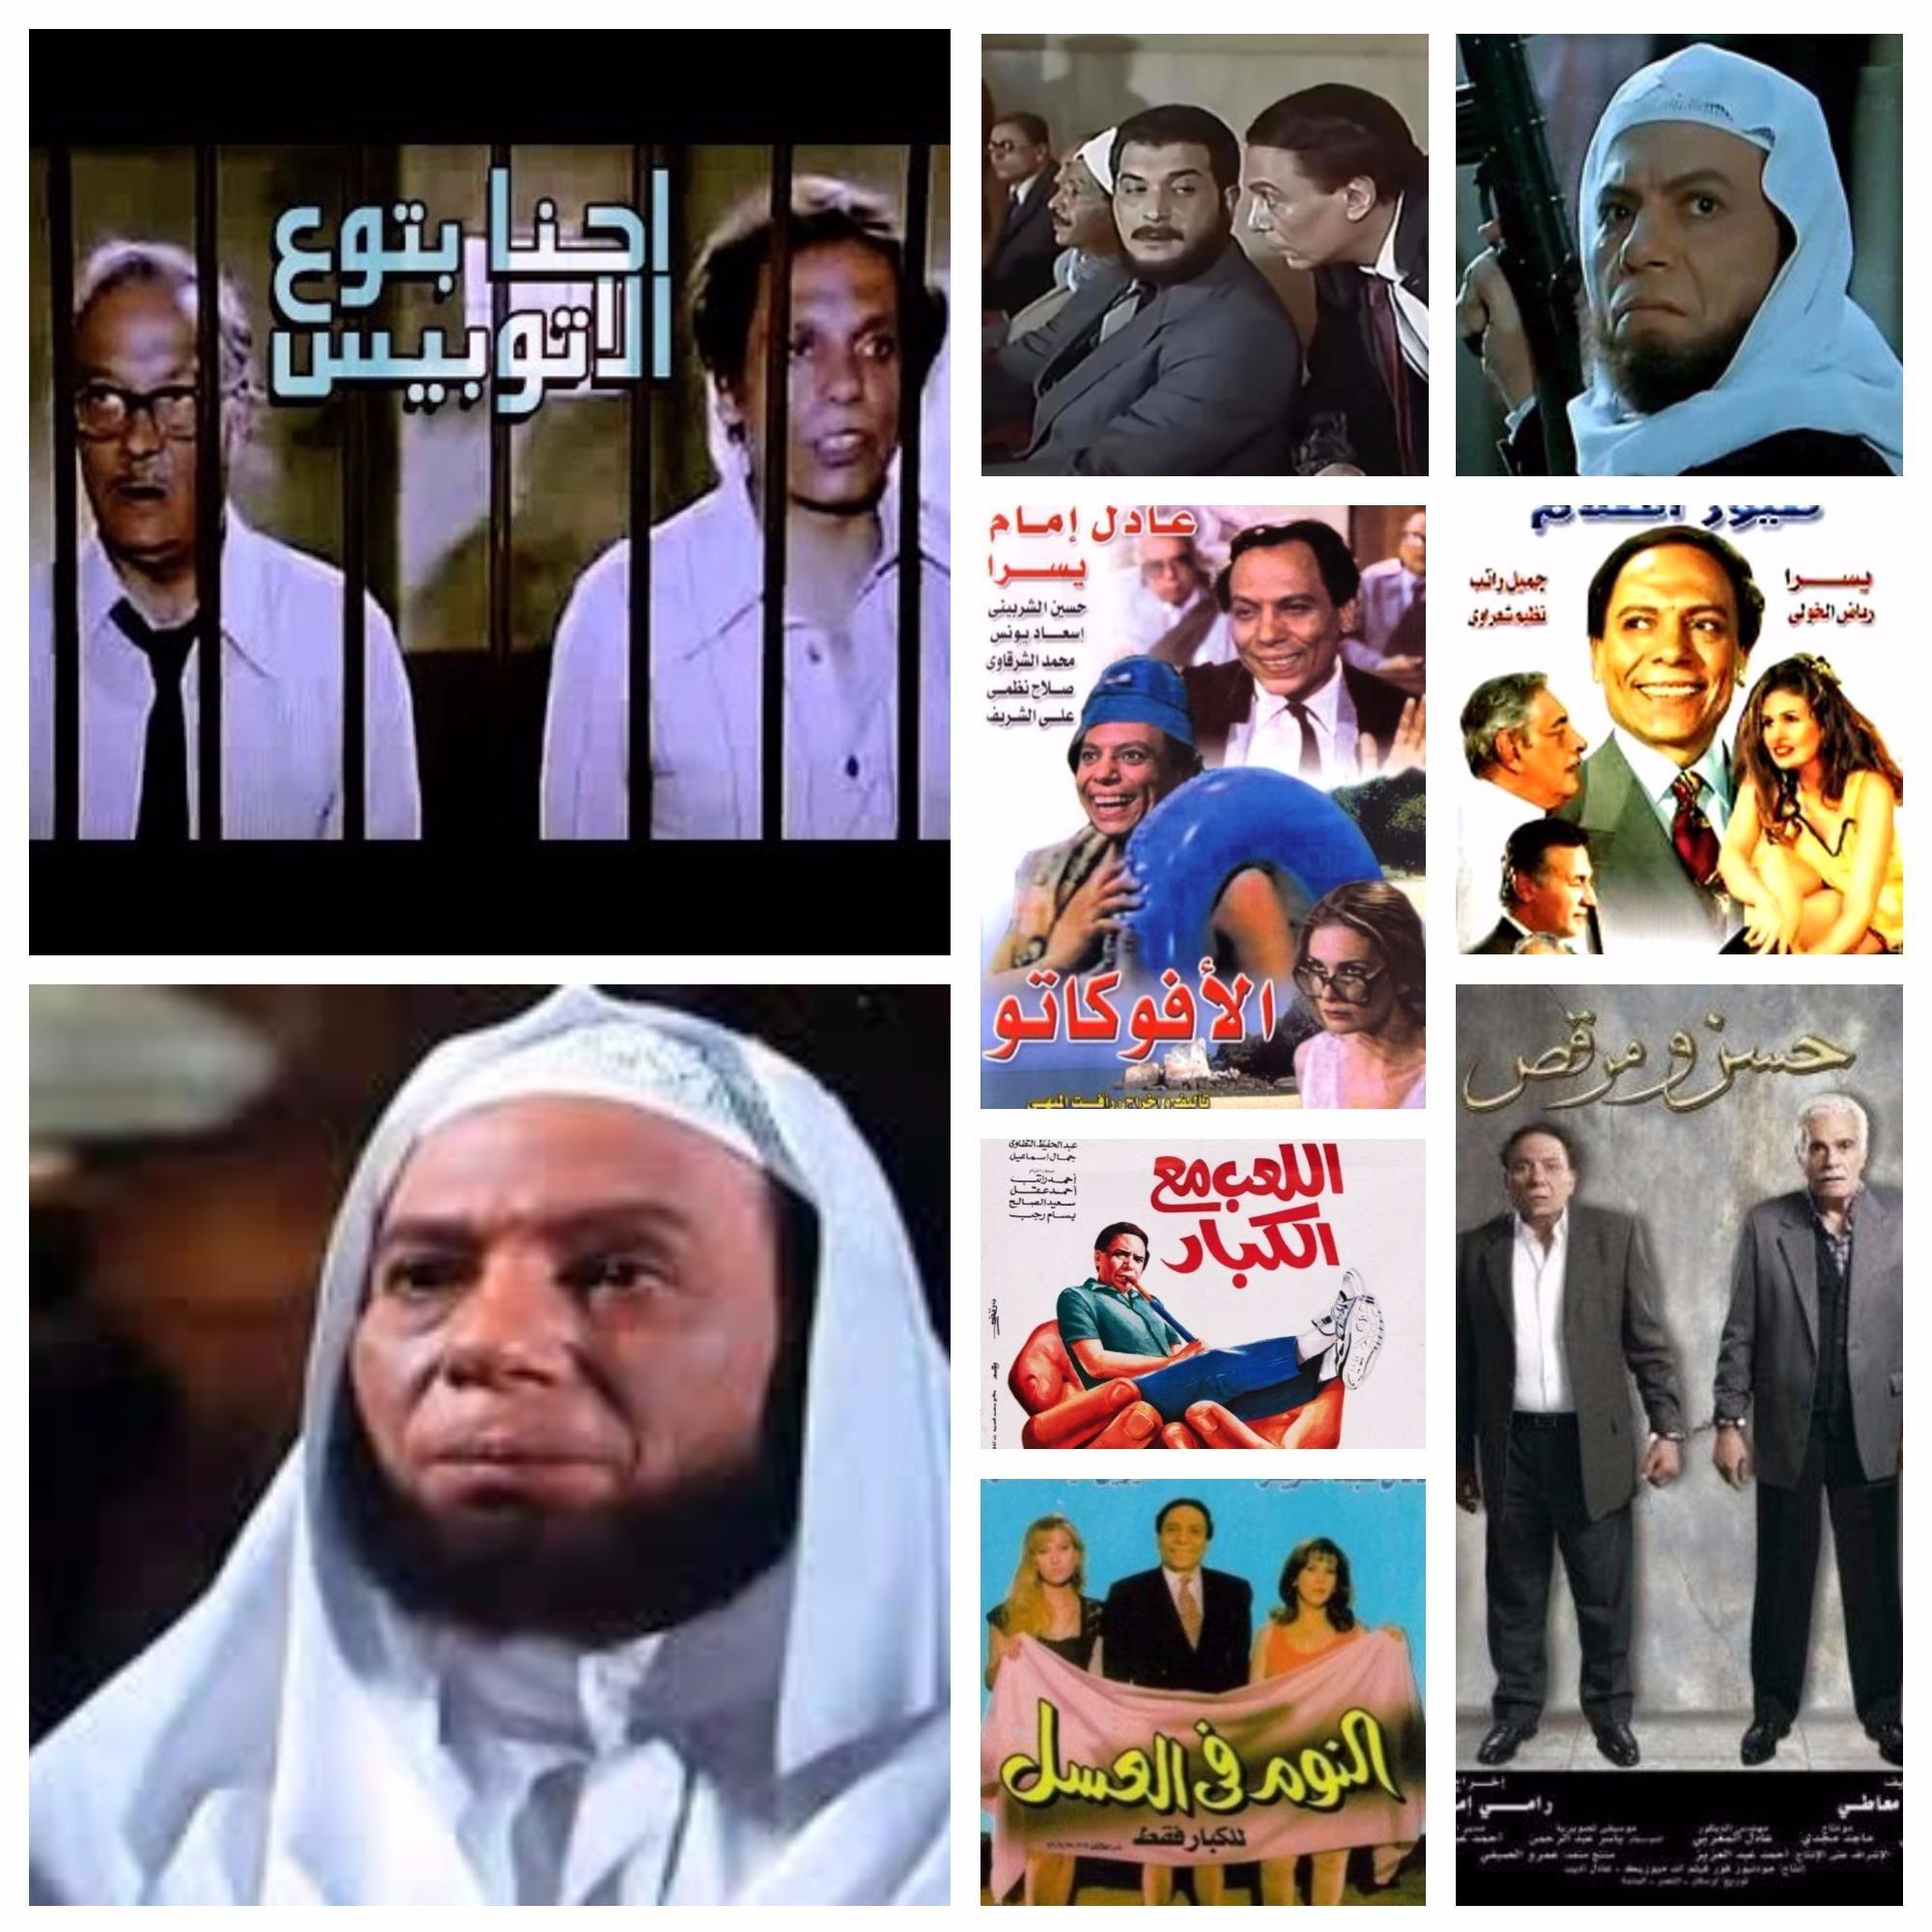 بالصور فى عيد ميلاد الزعيم أشهر أفلام عادل إمام السياسية